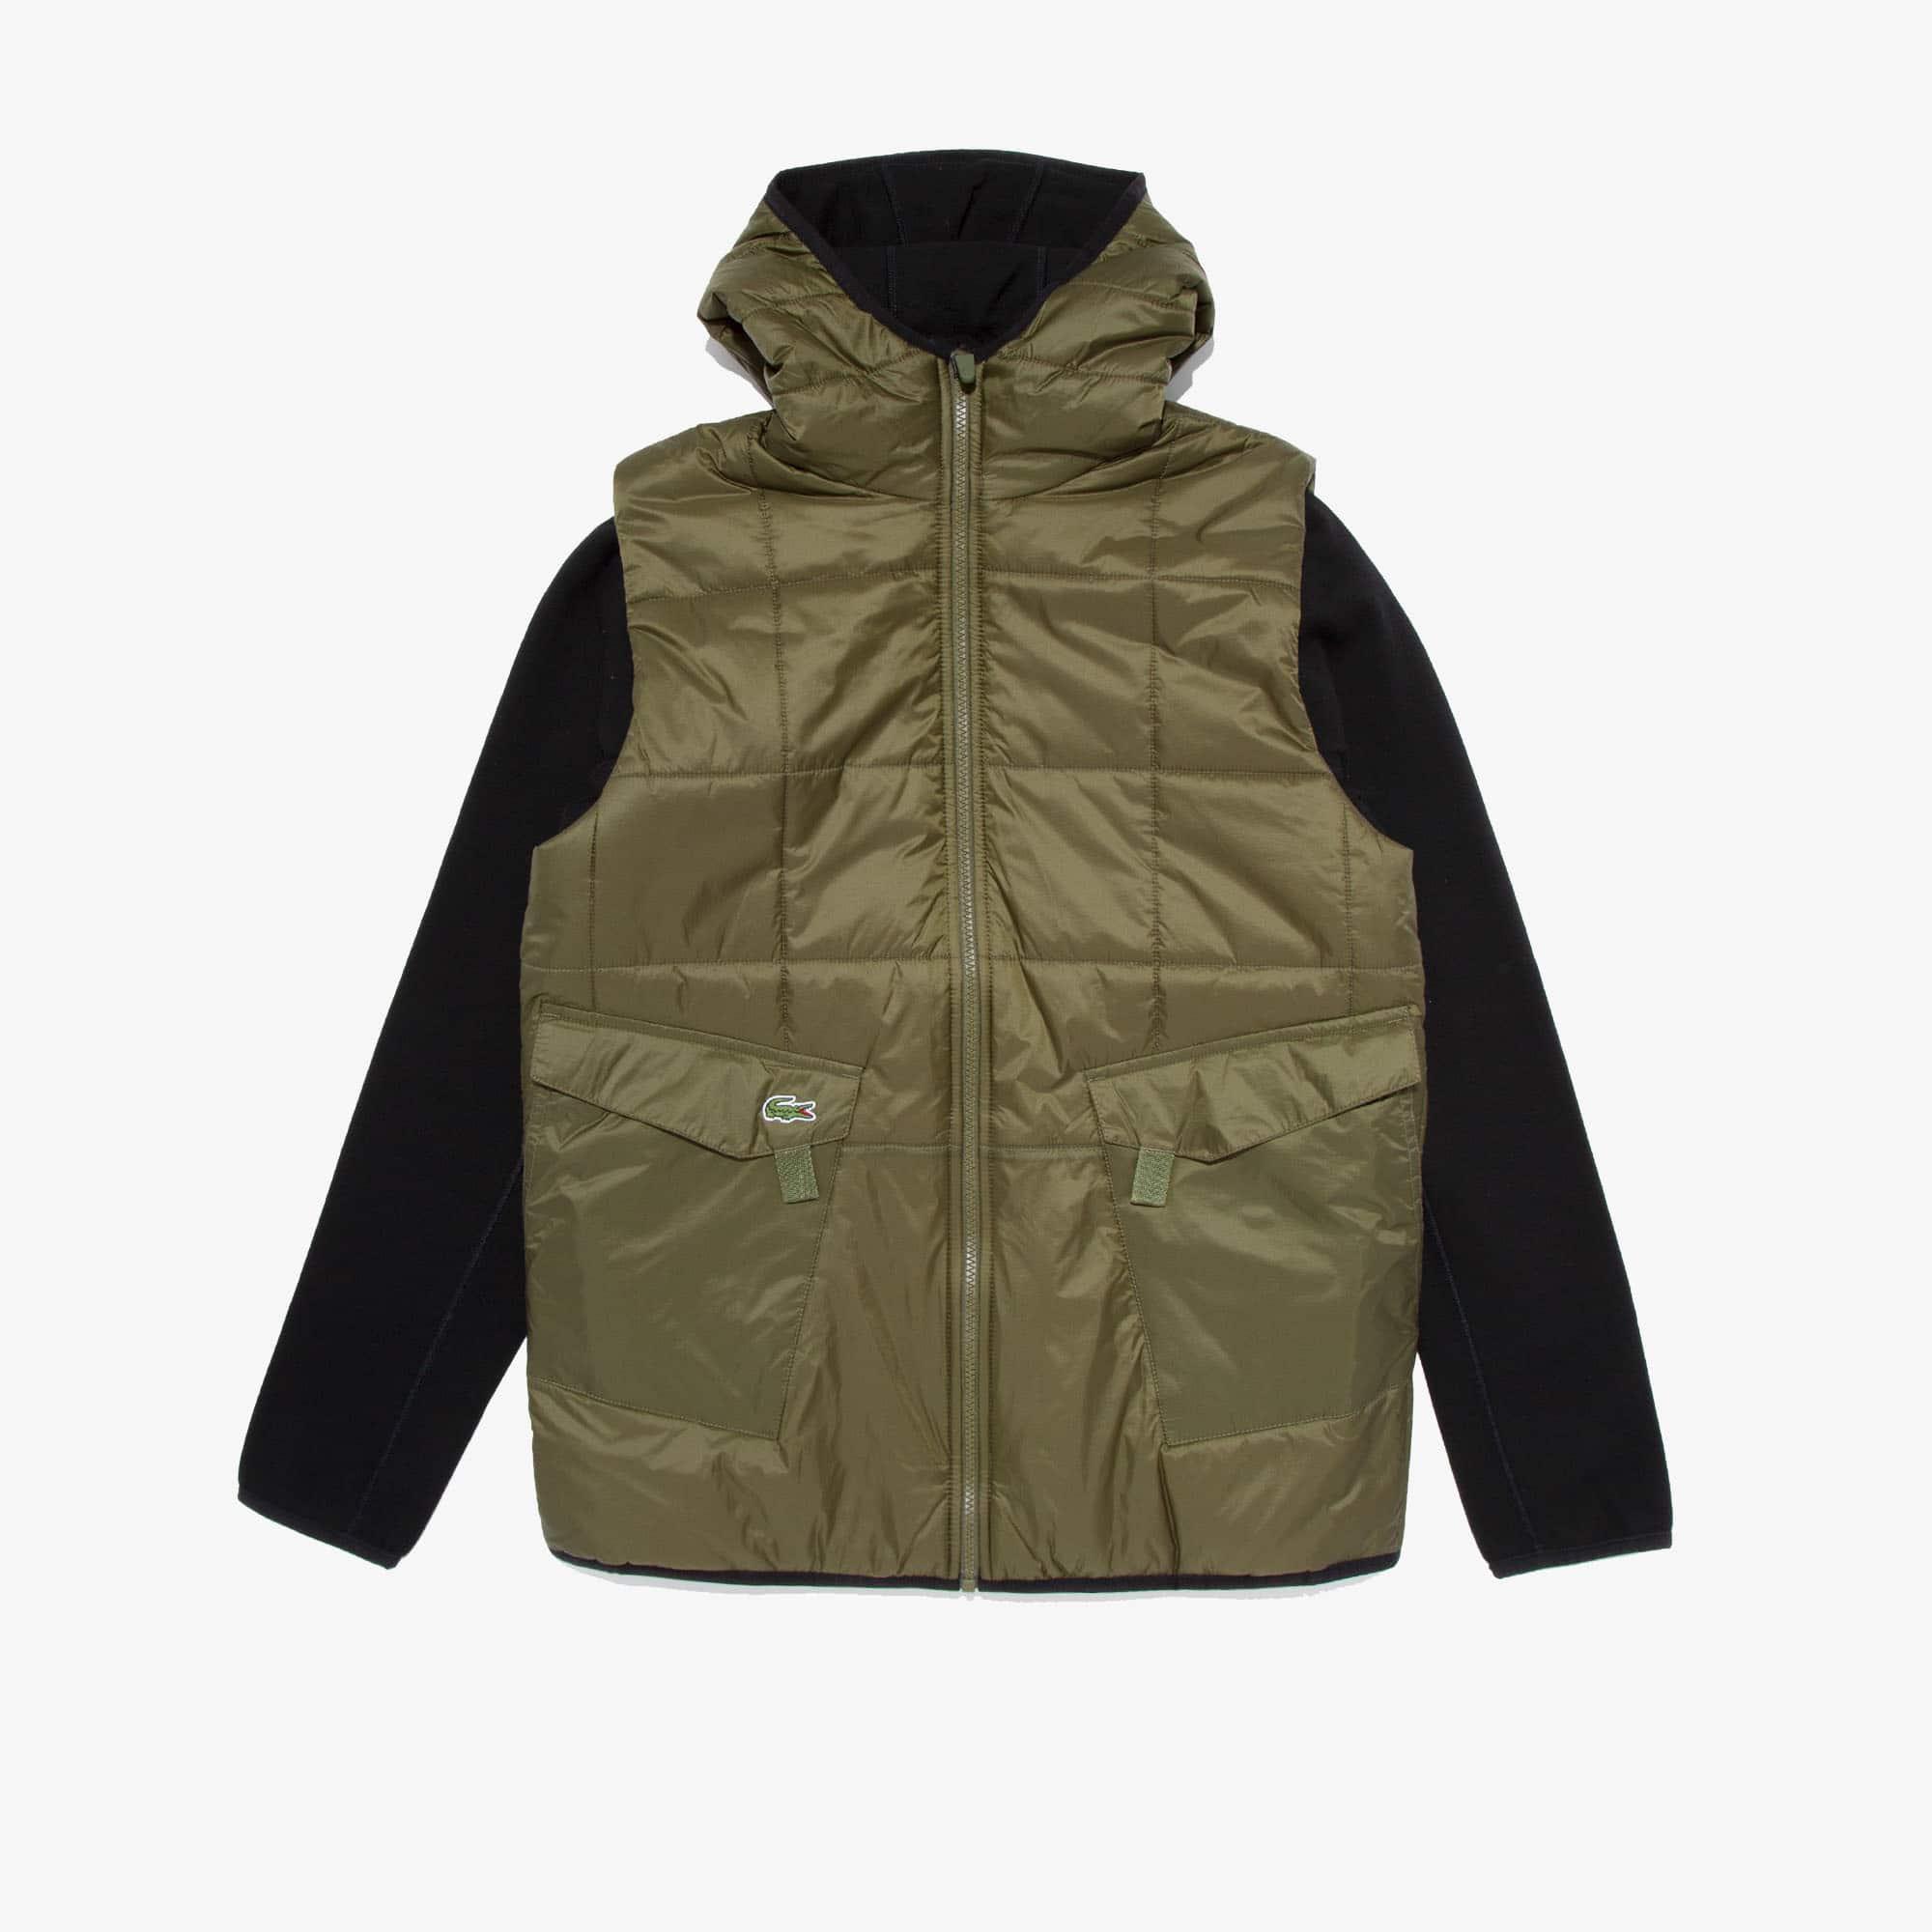 라코스테 스포츠 자켓 Lacoste Mens SPORT Hooded Reversible Dual-Tone Jacket,Khaki Green / Black - ZQ2